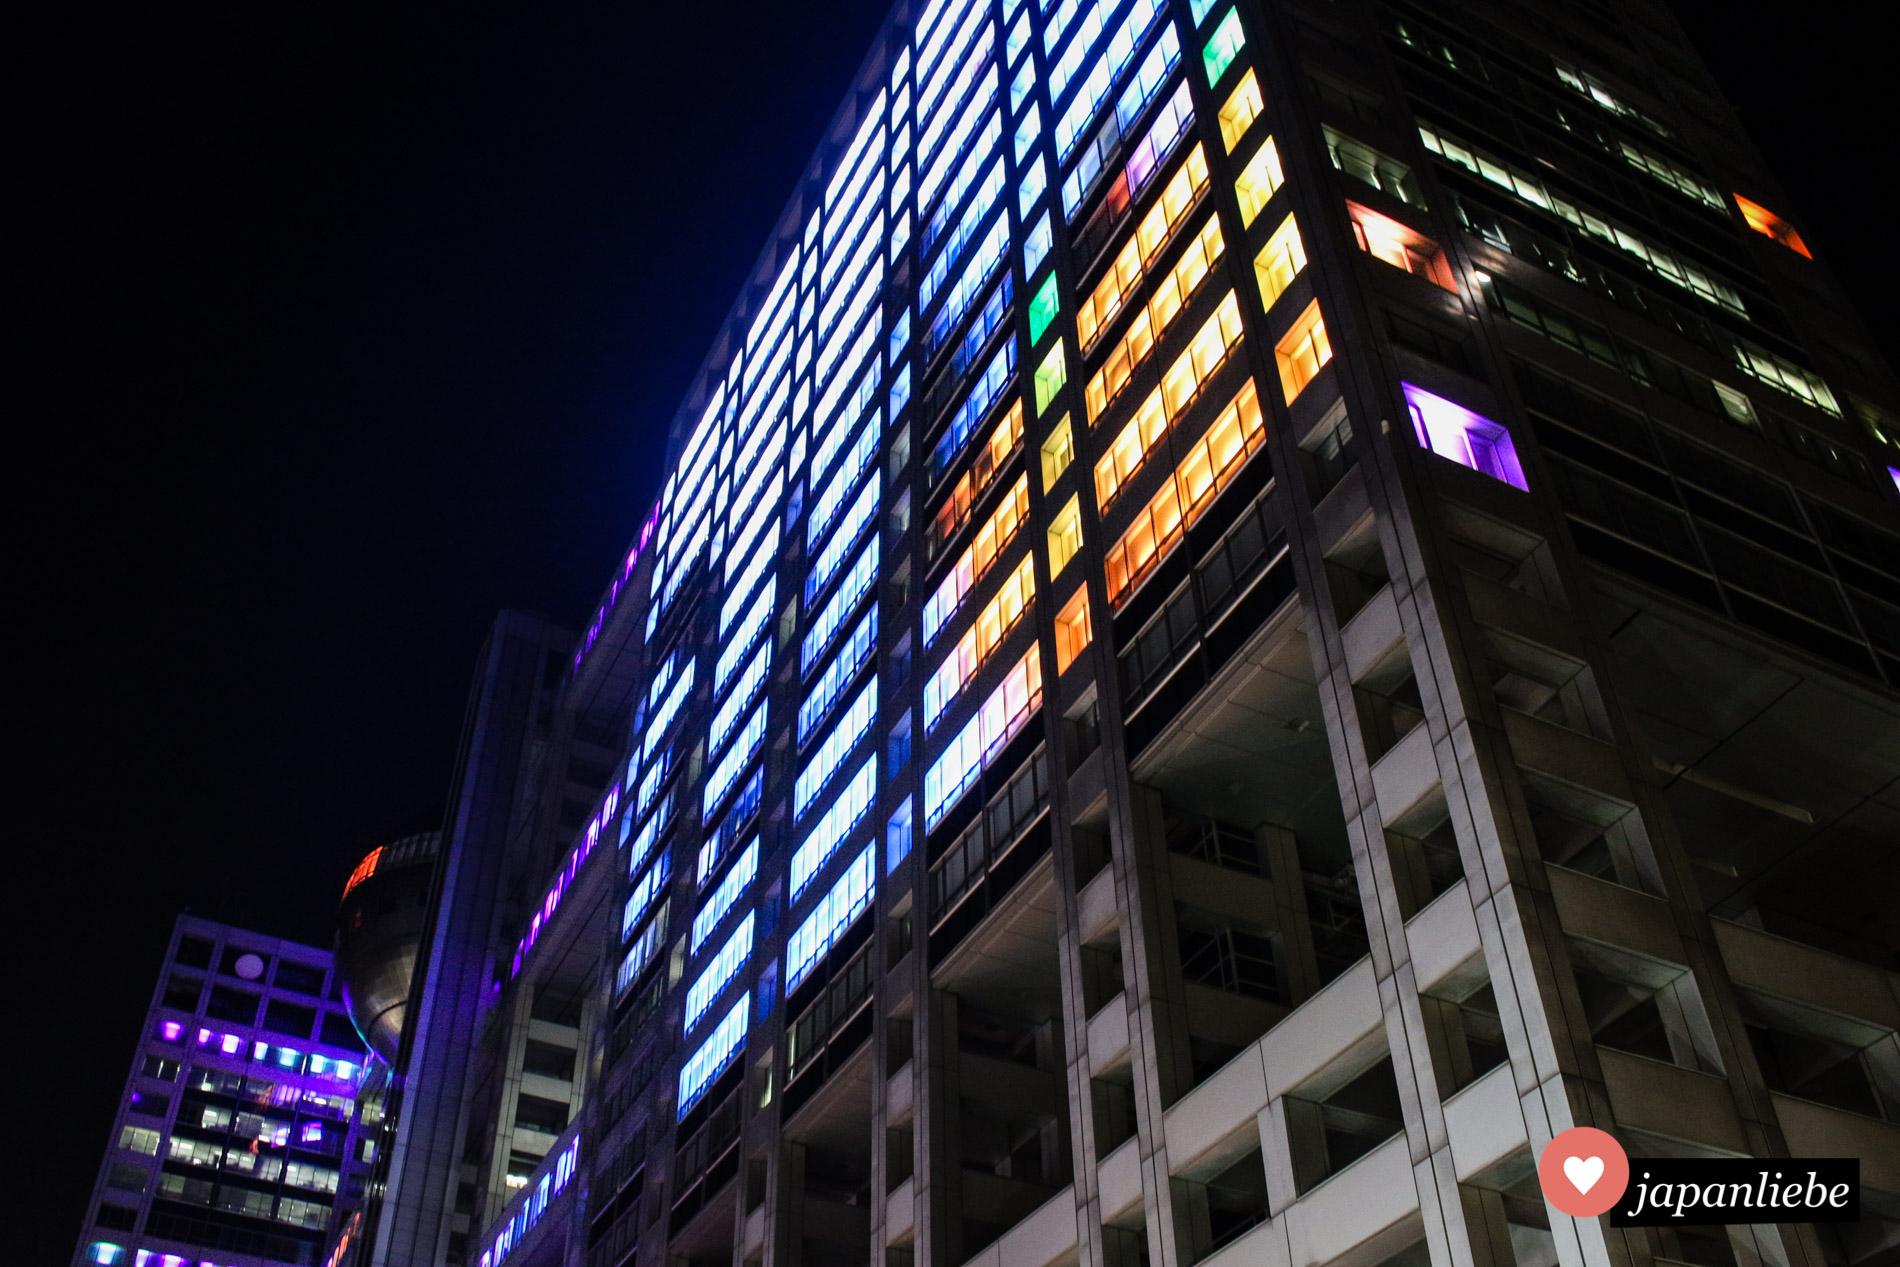 Das Fuji TV Gebäude ist ein echter Hingucker, besonders mit bunter Sonderbeleuchtung.